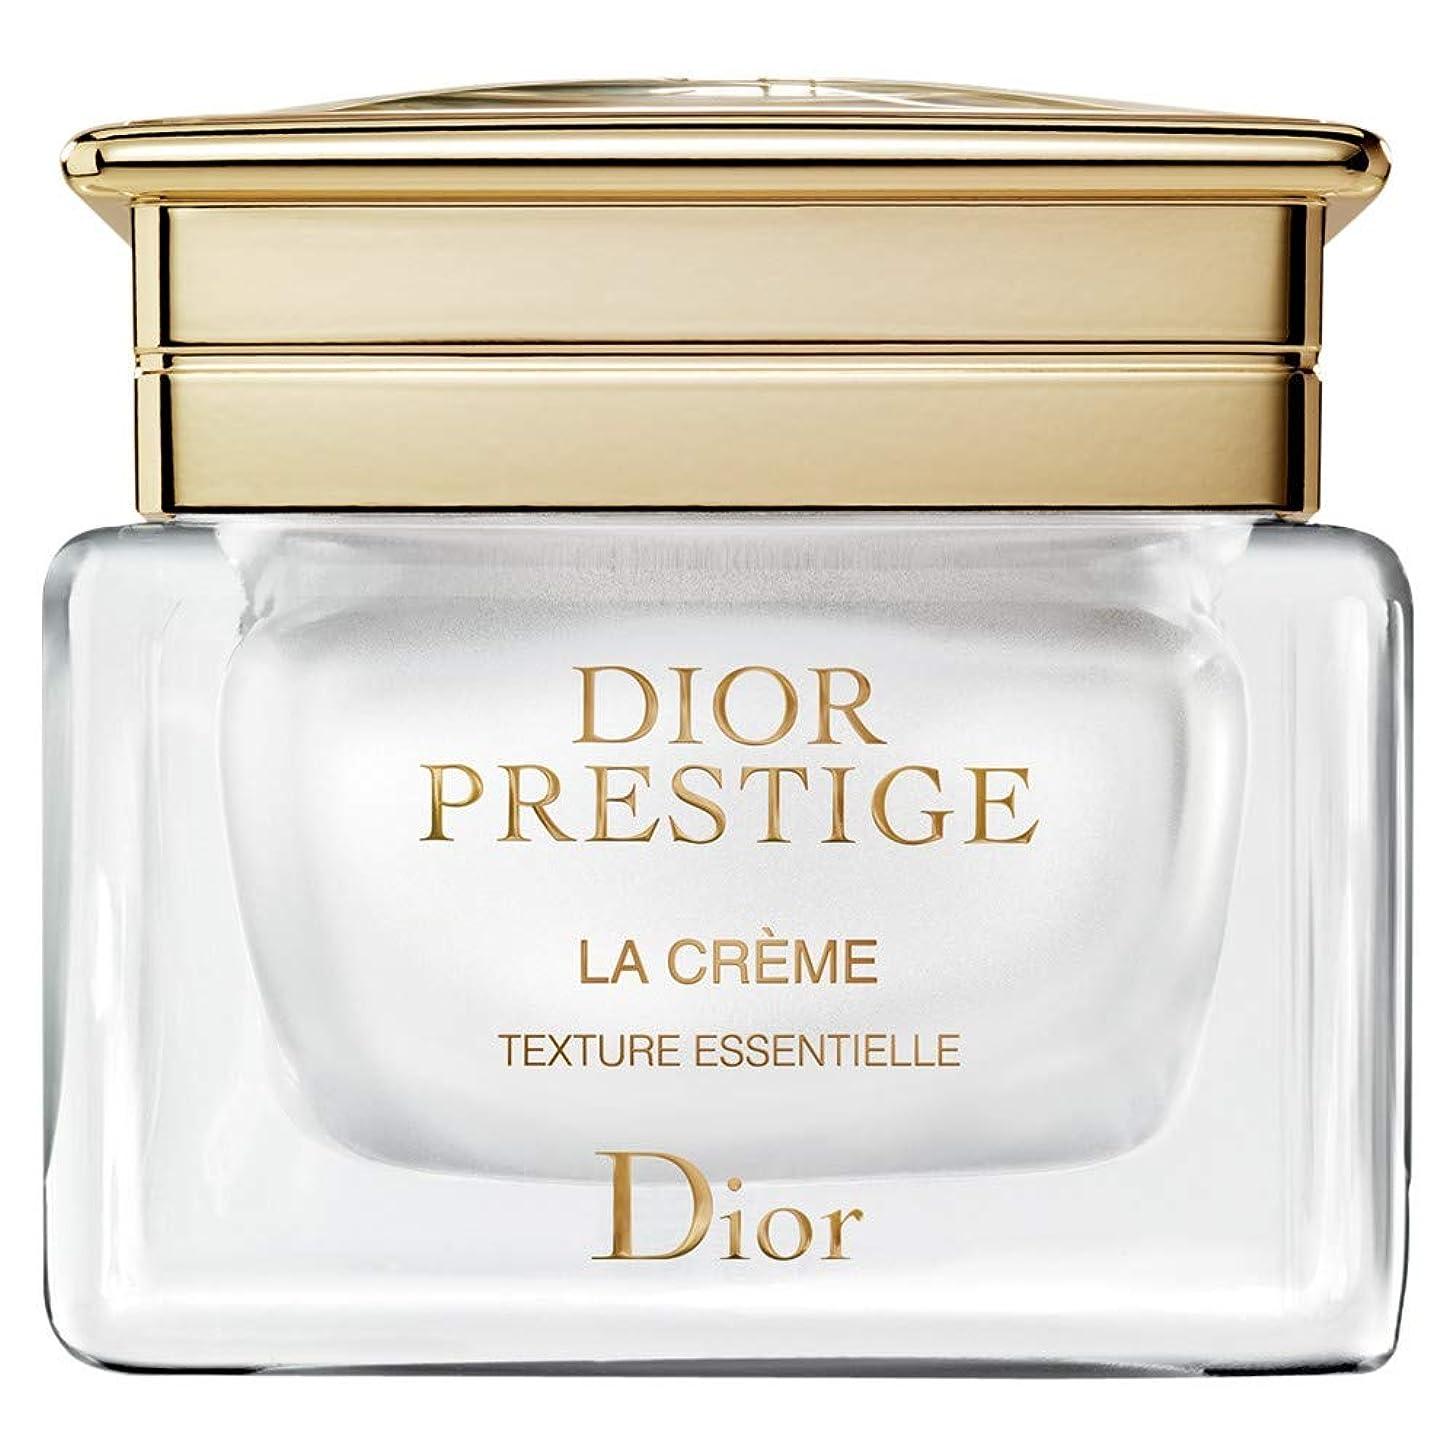 アコードジョグパイント[Dior ] ディオールプレステージ?ラ?クリームリフィル50ミリリットル - Dior Prestige La Creme Refill 50ml [並行輸入品]